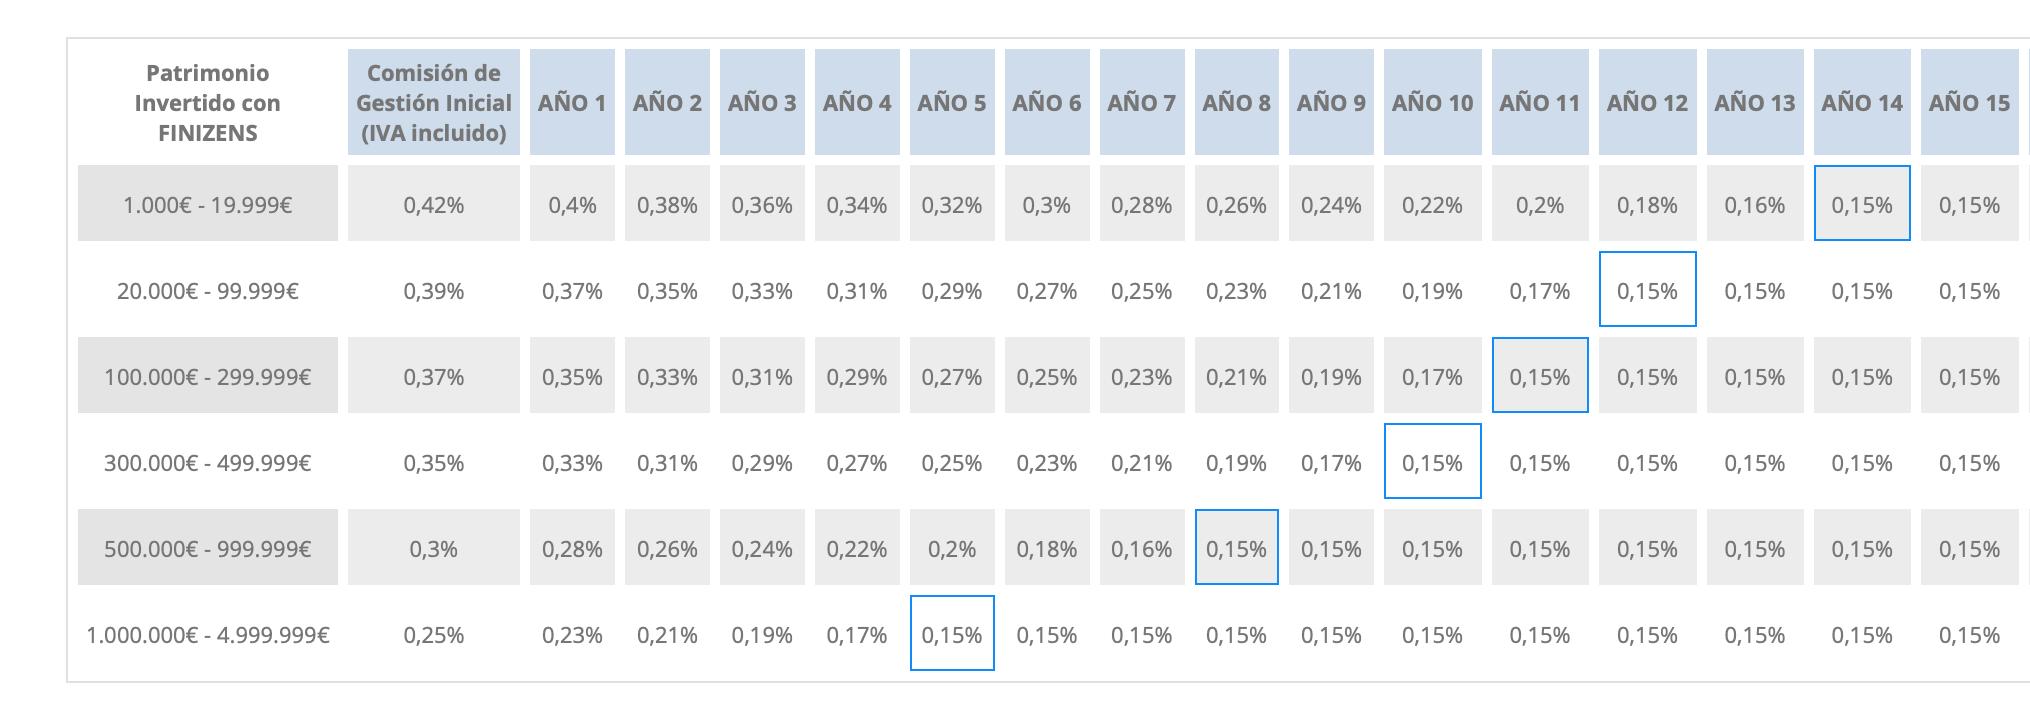 Tabla que muestras las comisiones decrecientes de Finizens